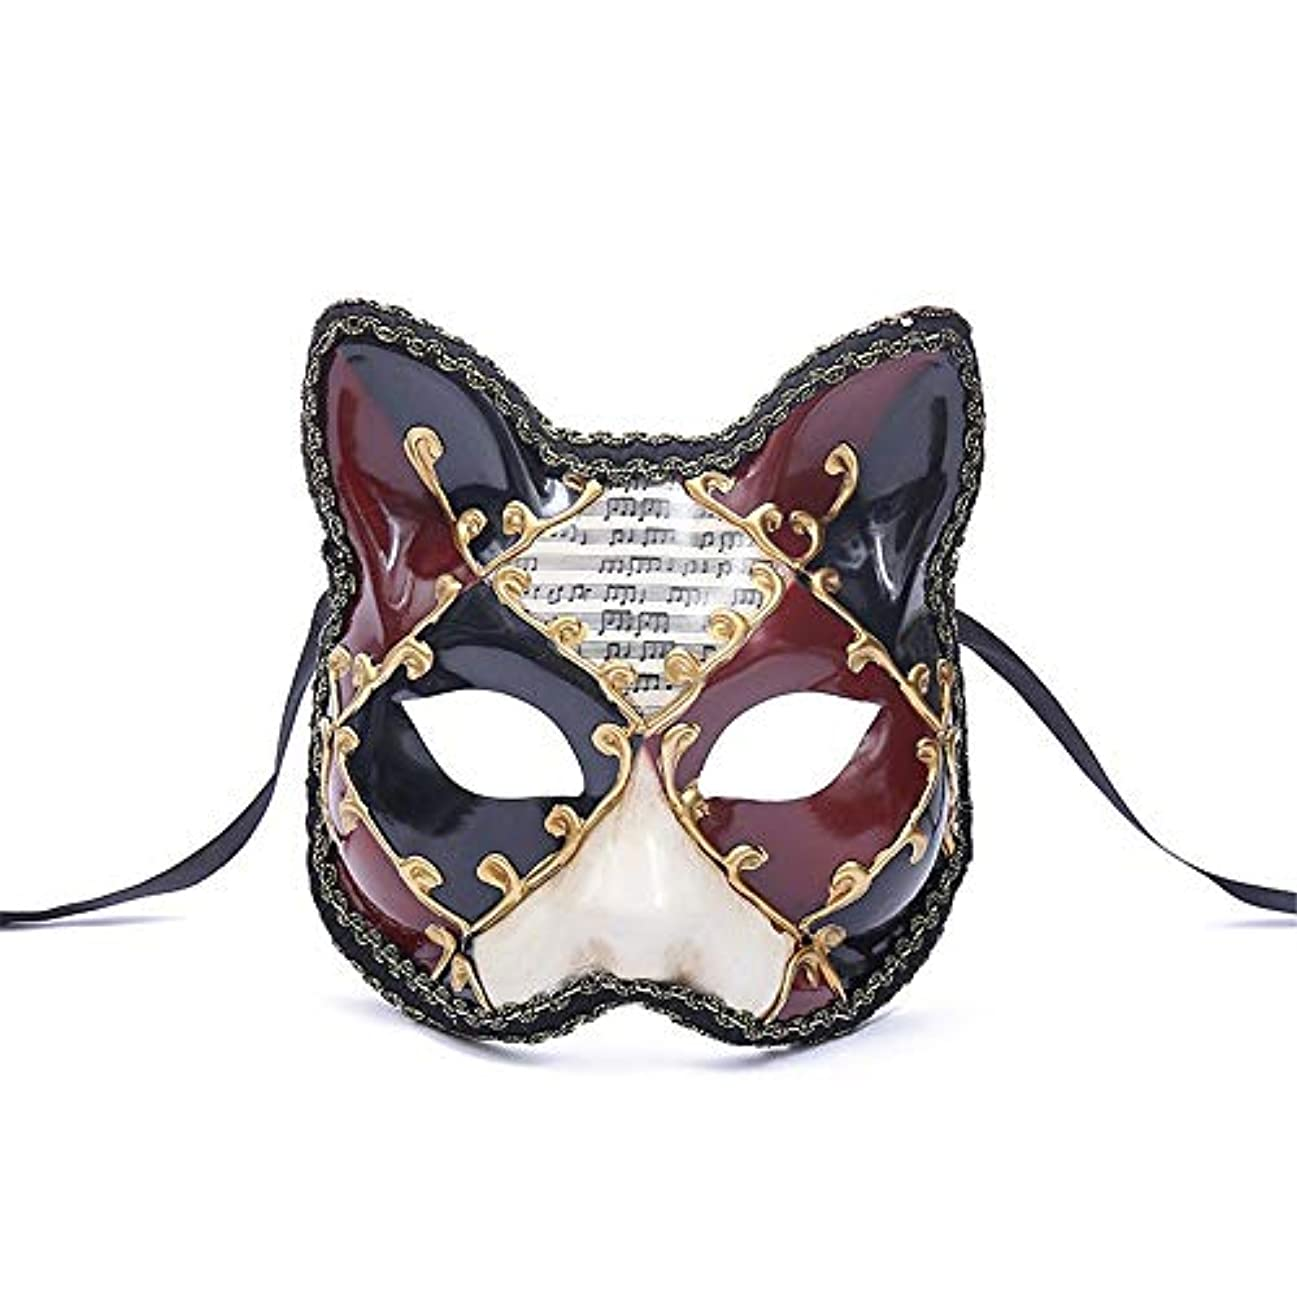 私たちのもの先住民聖なるダンスマスク 大きな猫アンティーク動物レトロコスプレハロウィーン仮装マスクナイトクラブマスク雰囲気フェスティバルマスク パーティーボールマスク (色 : 赤, サイズ : 17.5x16cm)